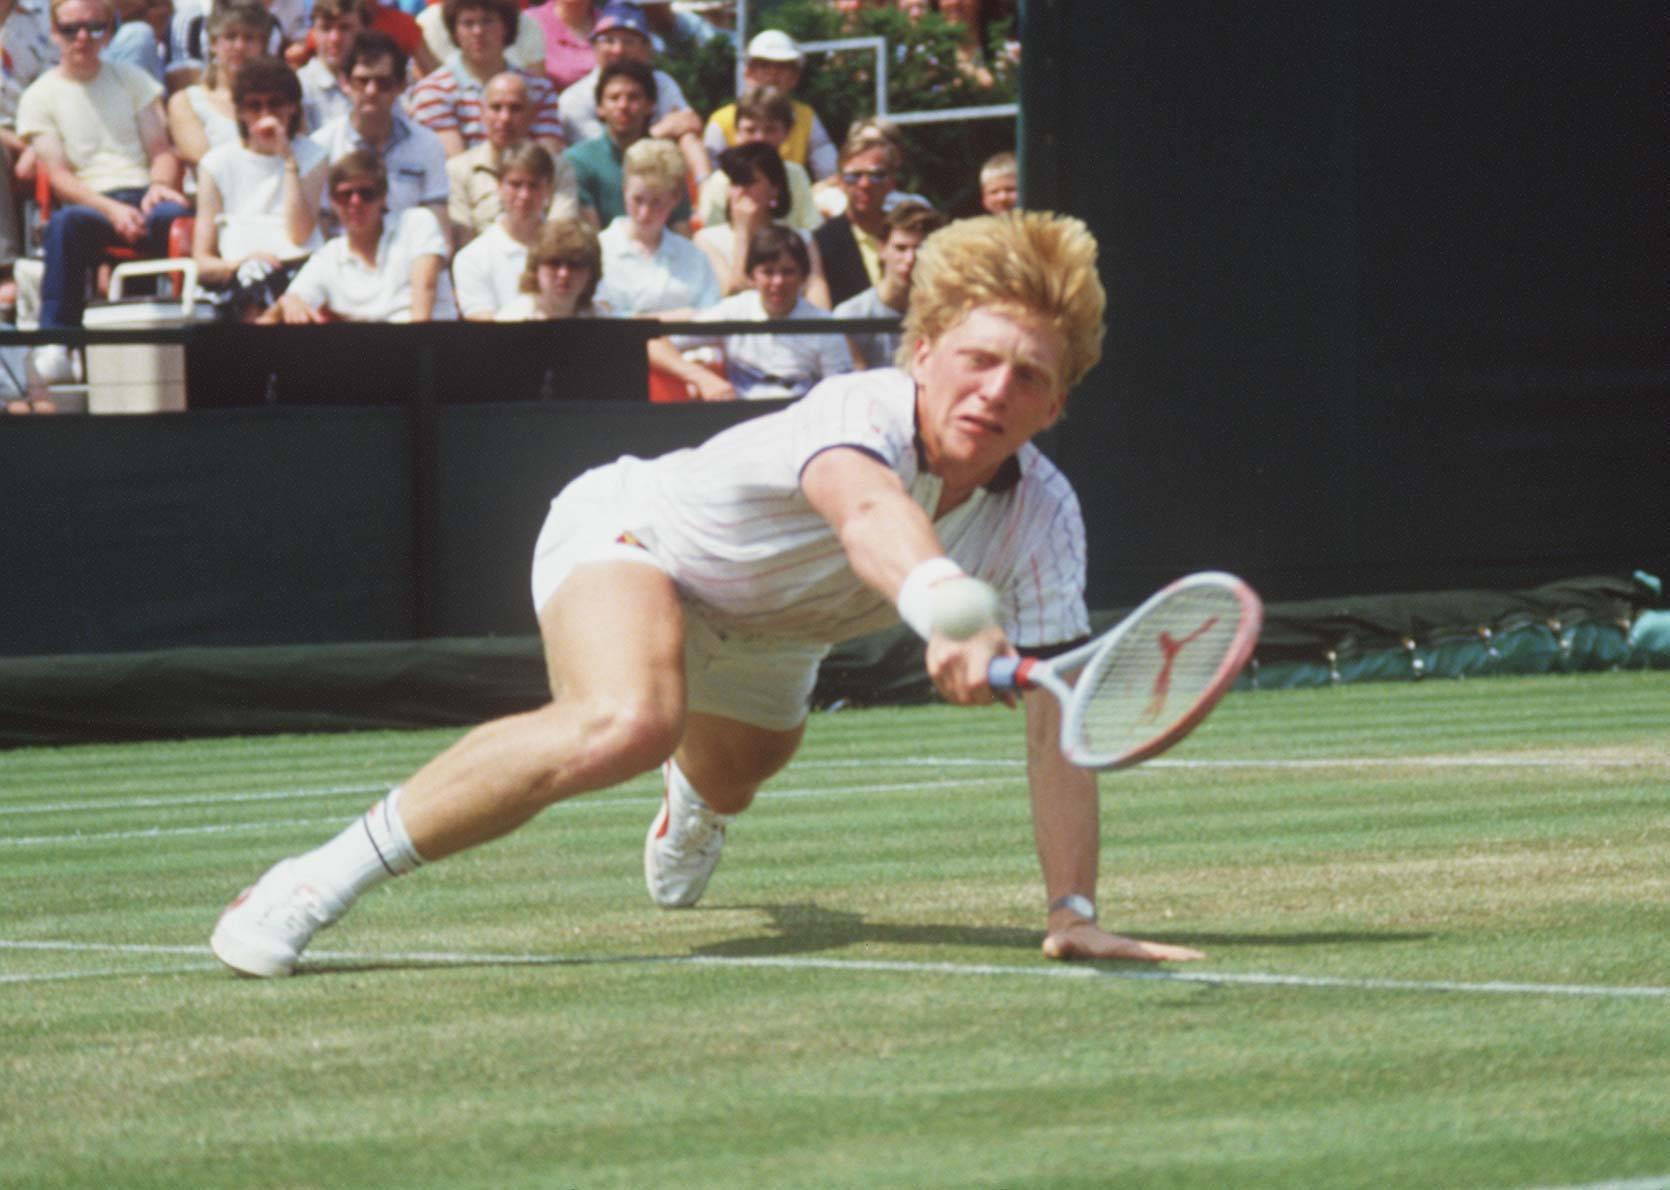 Tennis: Boris Becker wins Wimbledon  1985